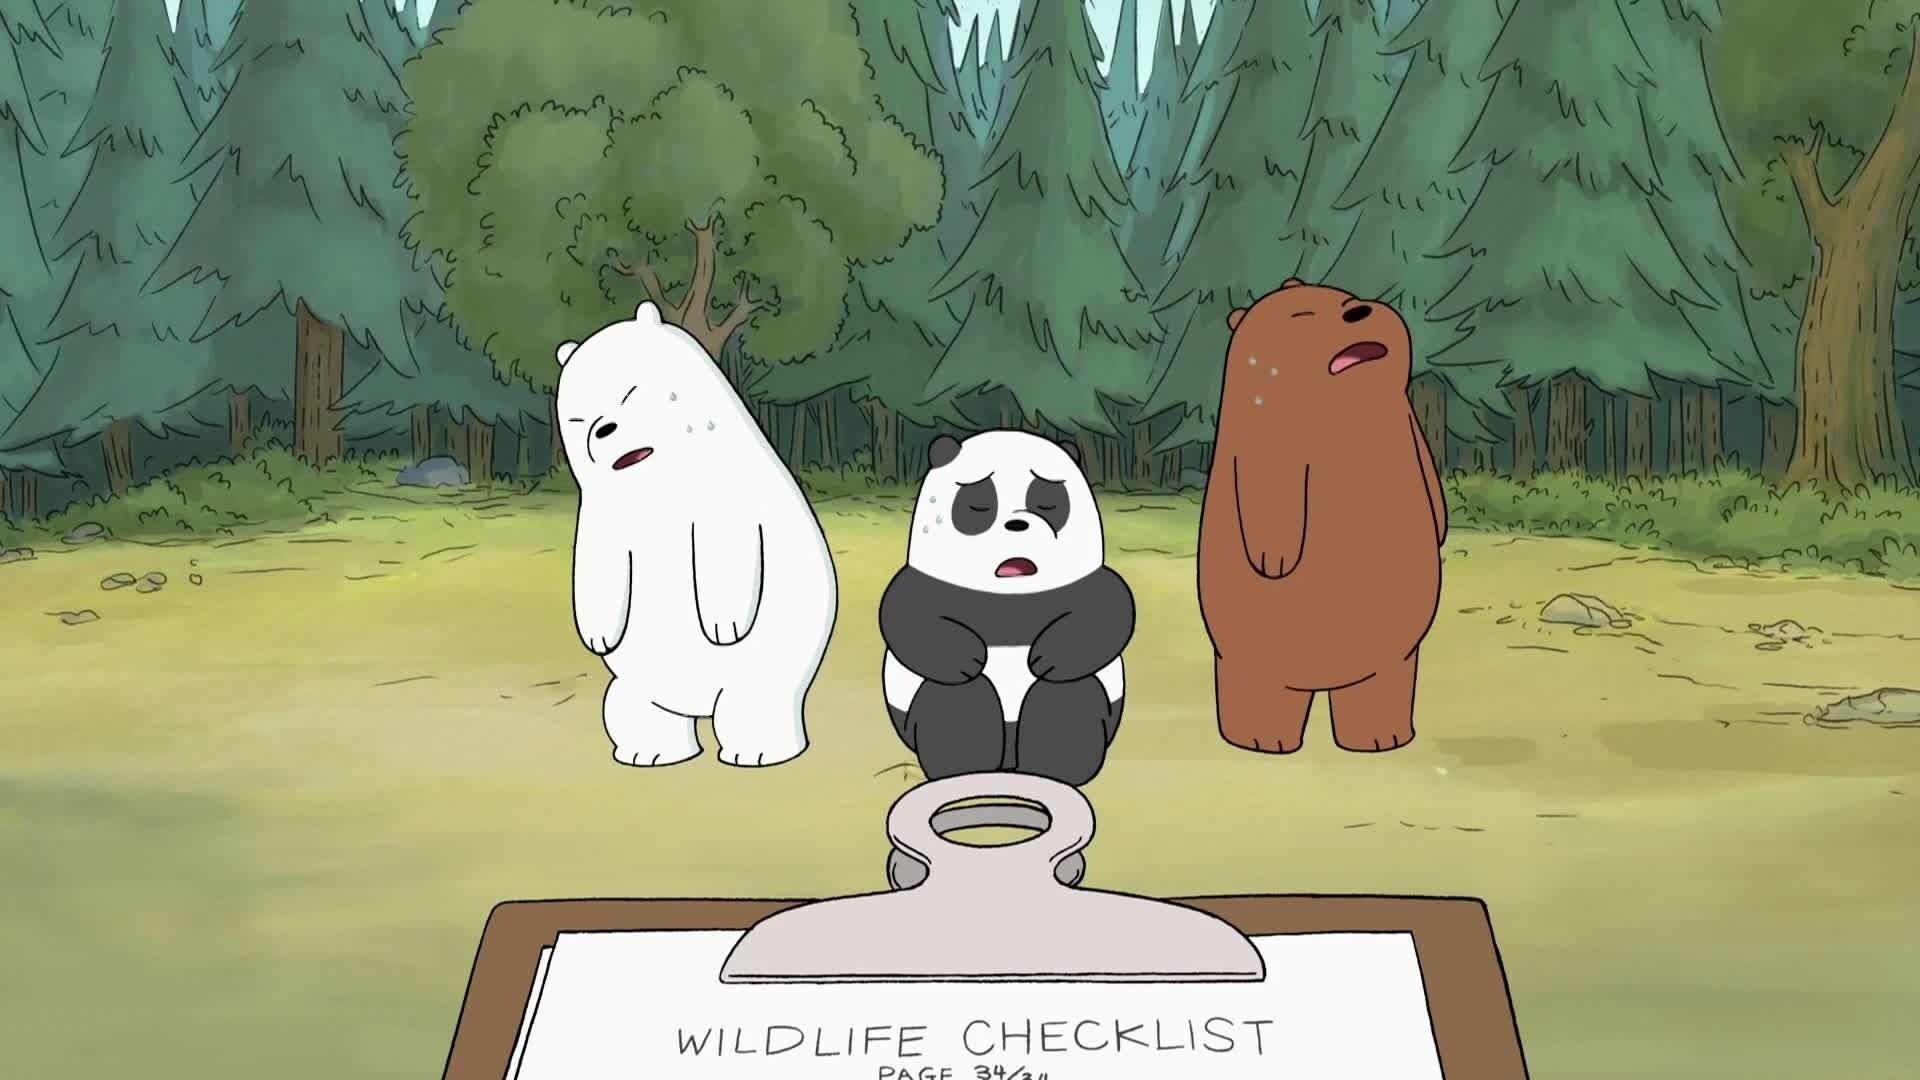 We Bare Bears - Bären wie wir - Wir und Tabes Kündigung / Wir und der Nachtkampf